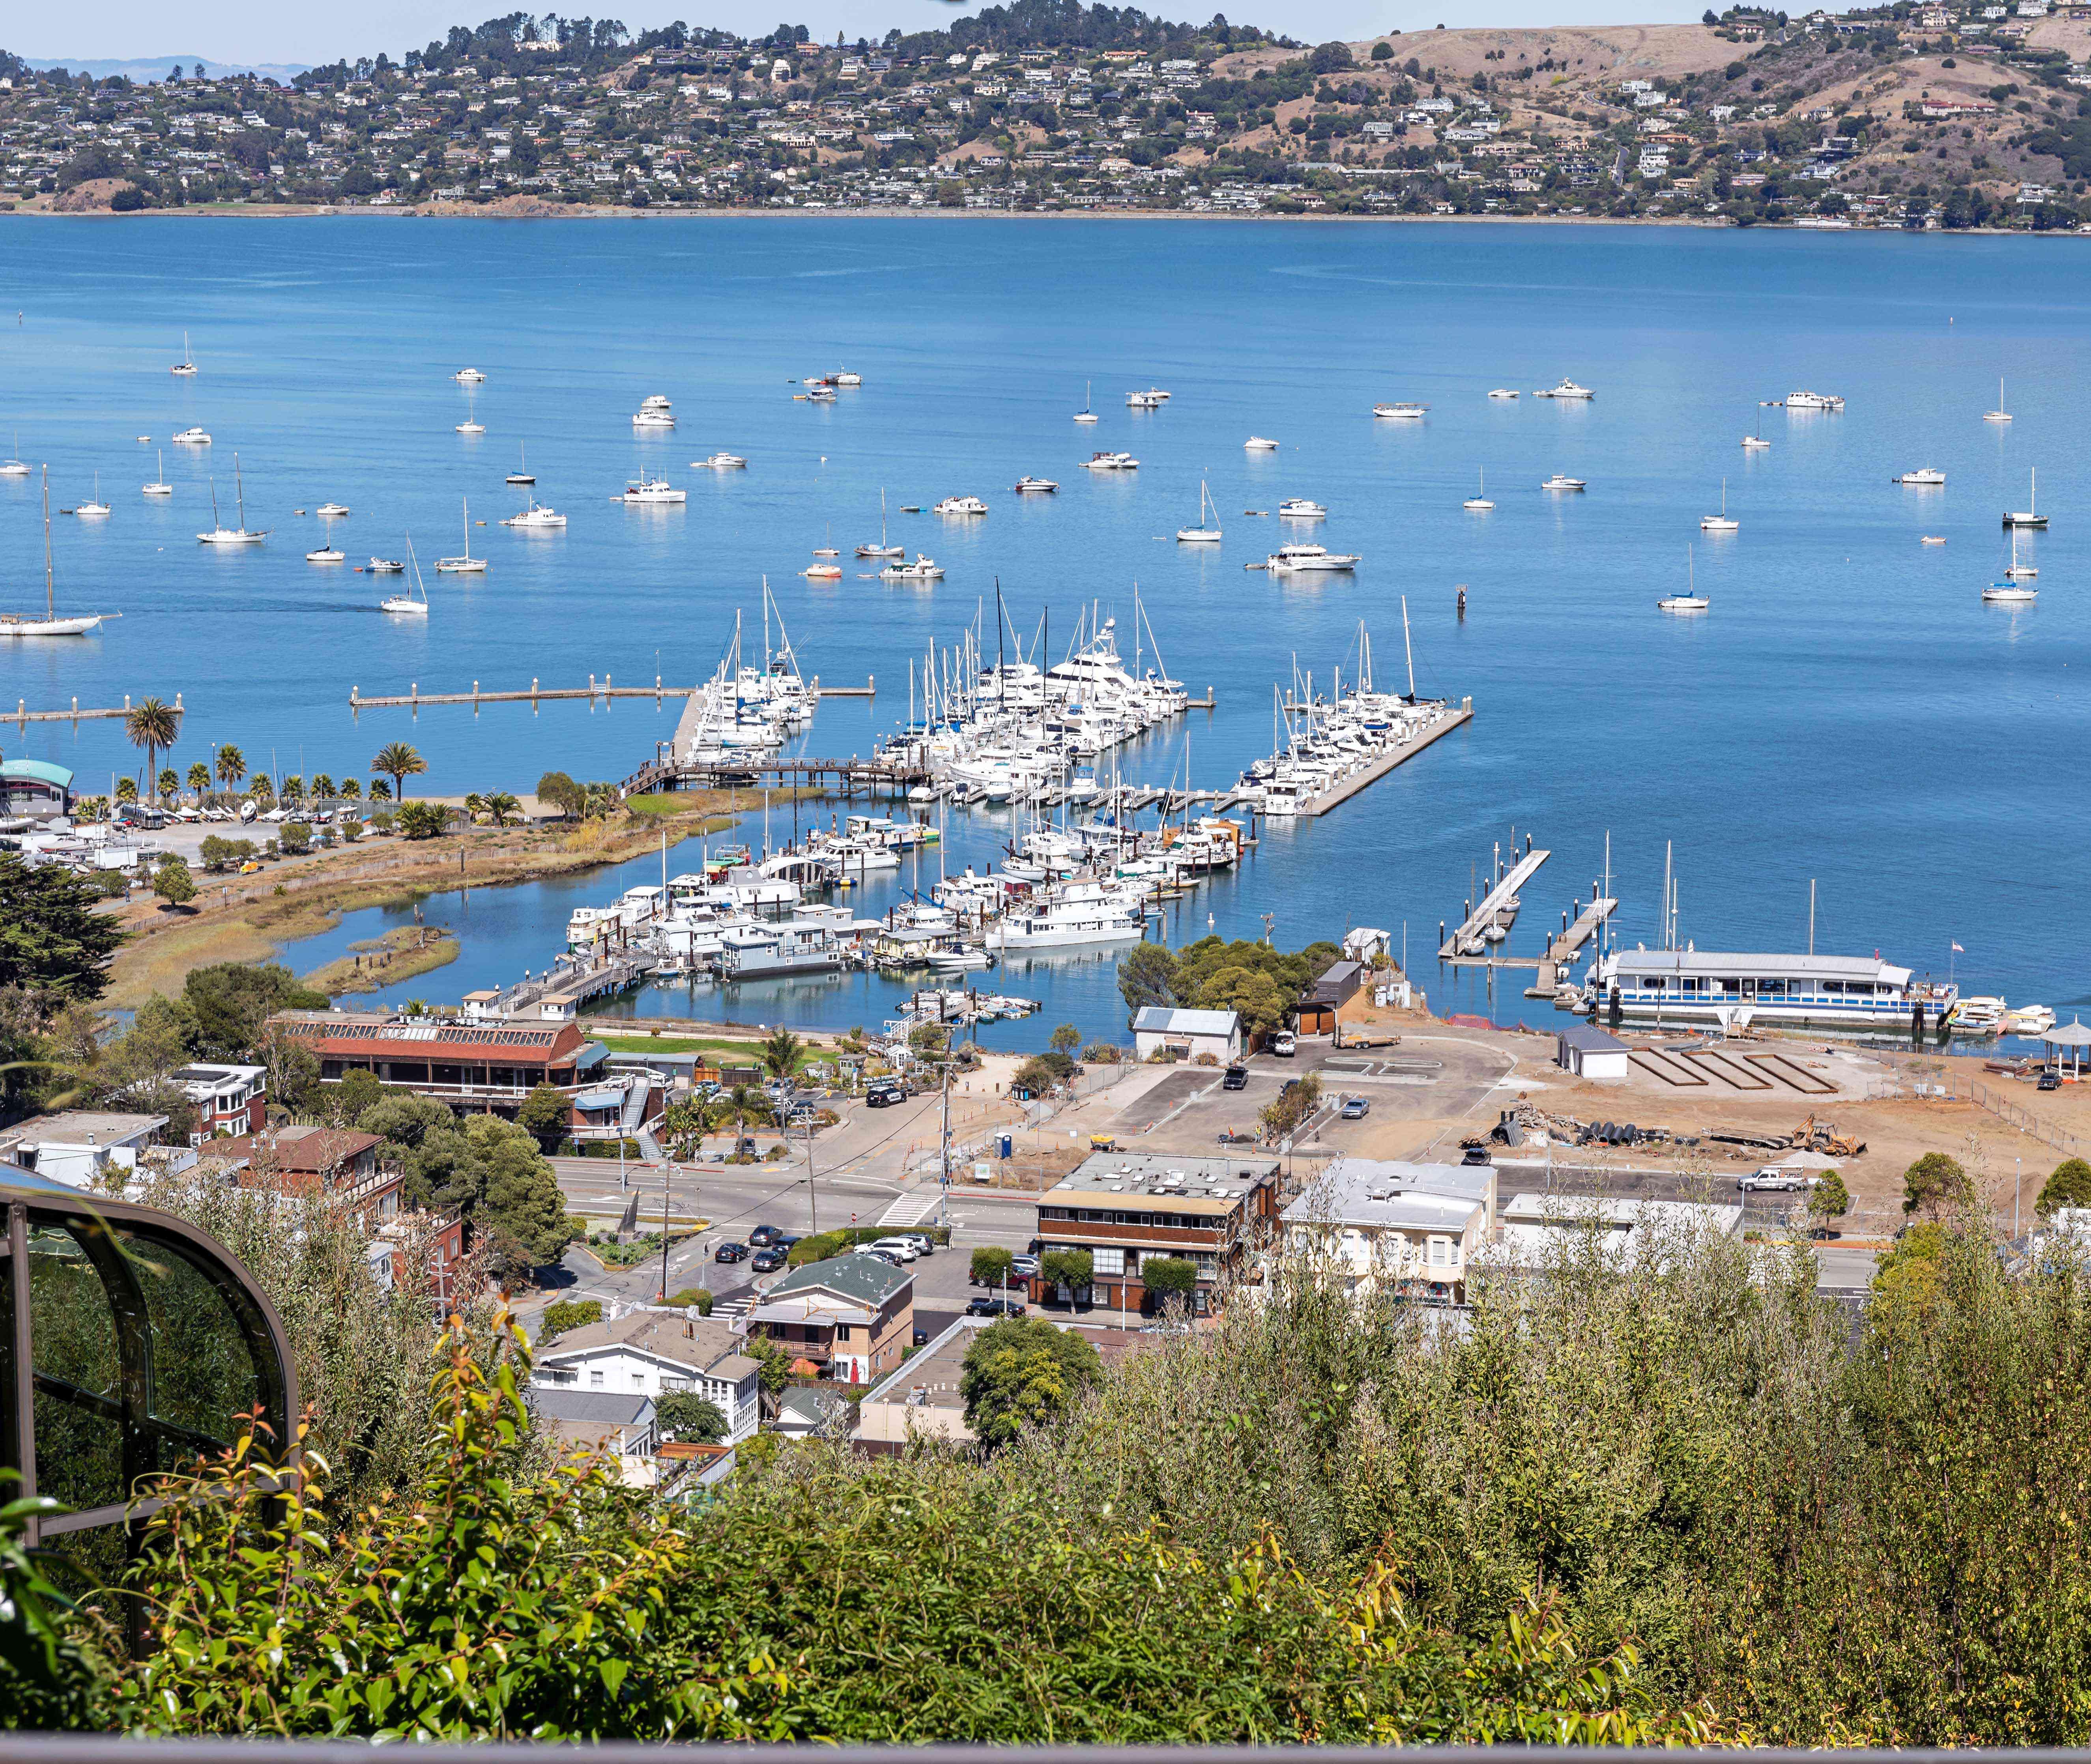 Sausalito, near San Francisco